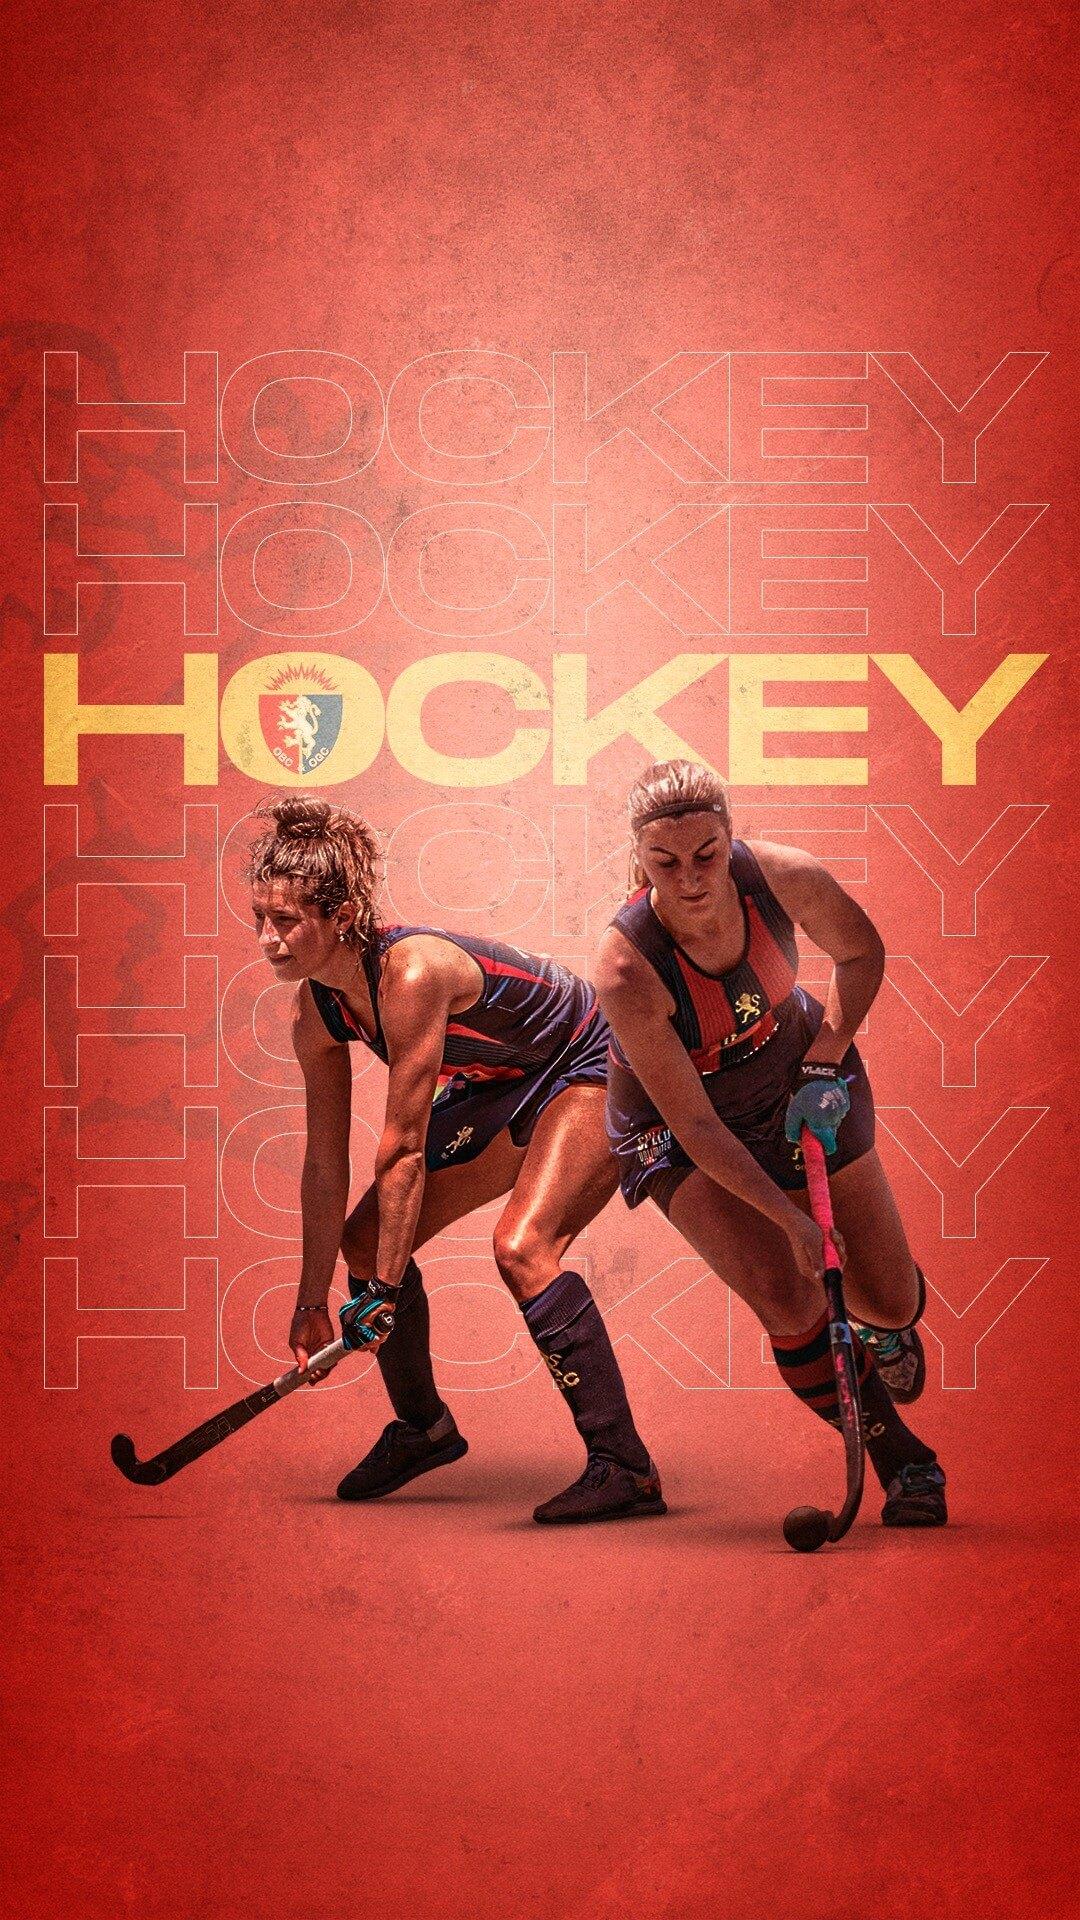 Wallpaper Hockey